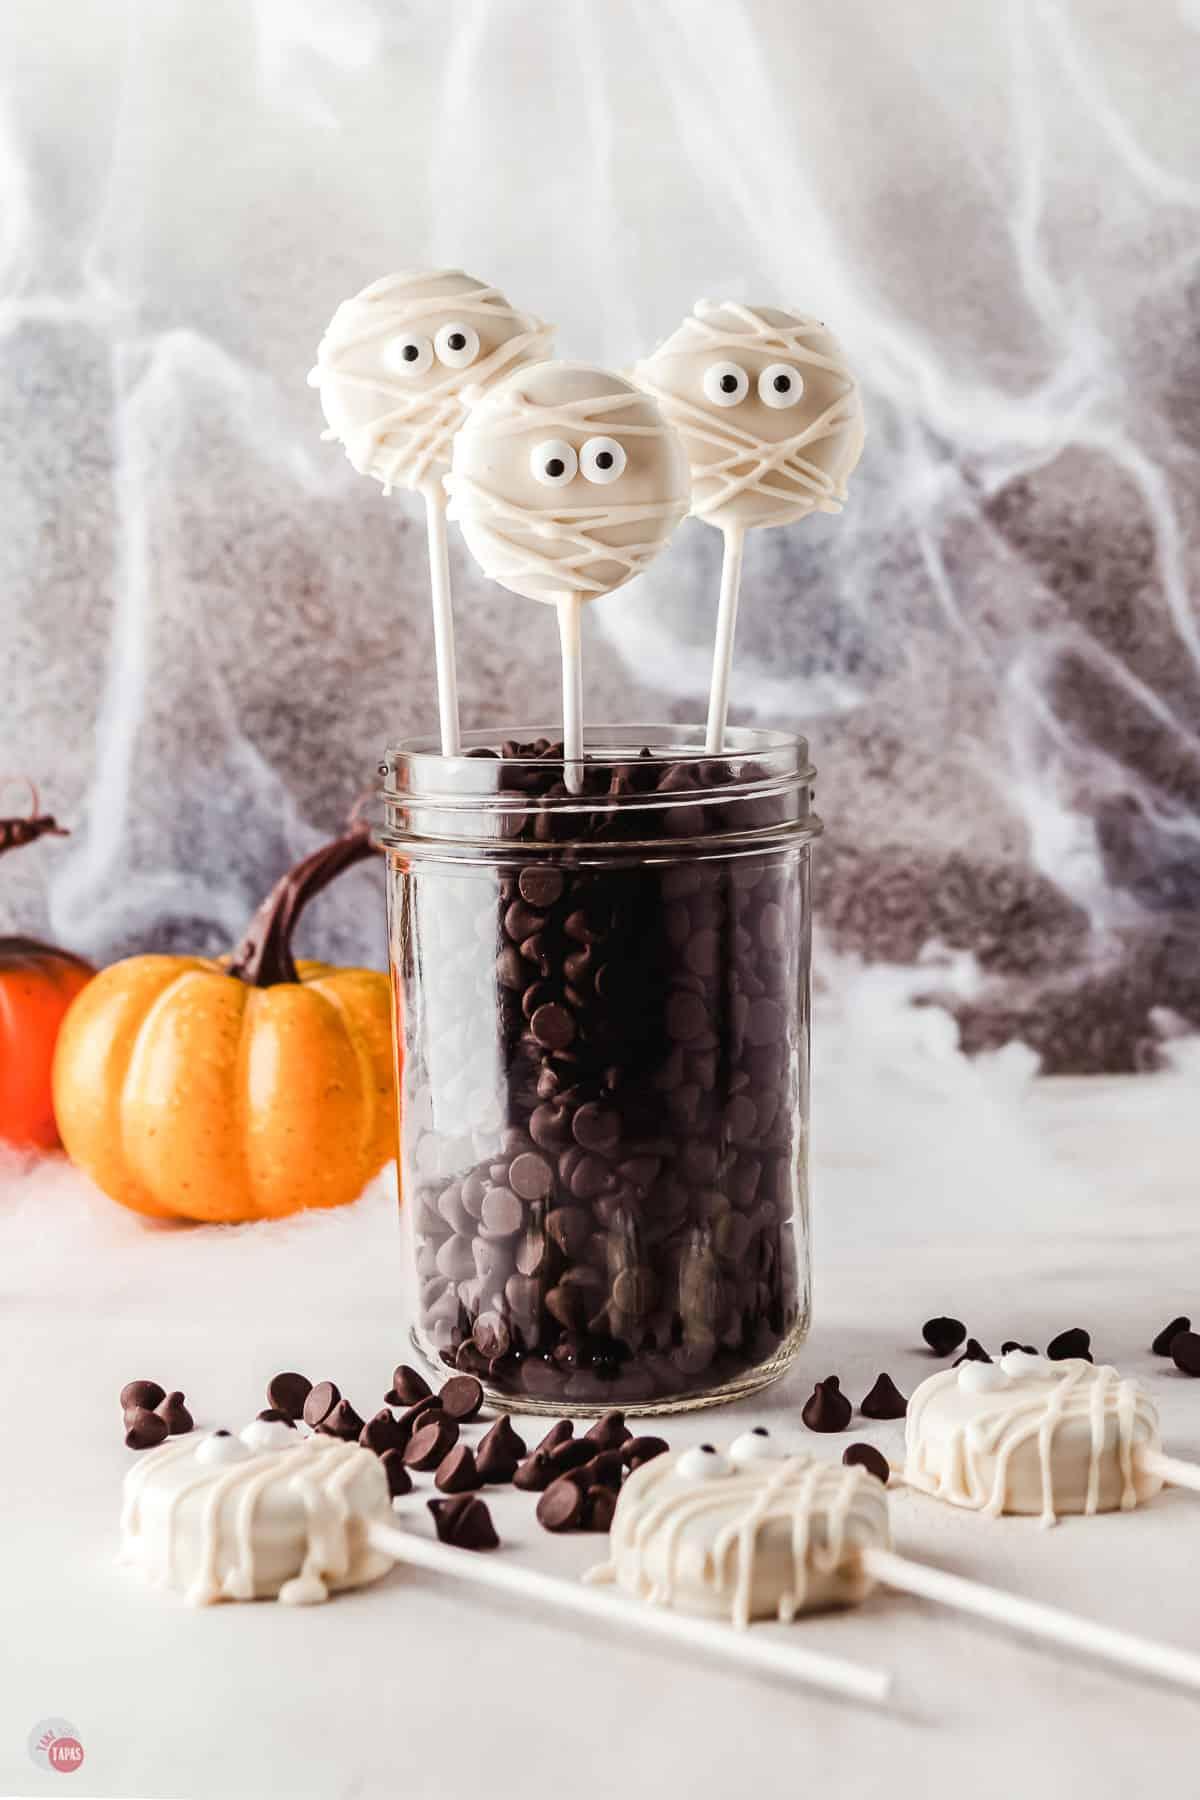 mummy oreo pops in a jar